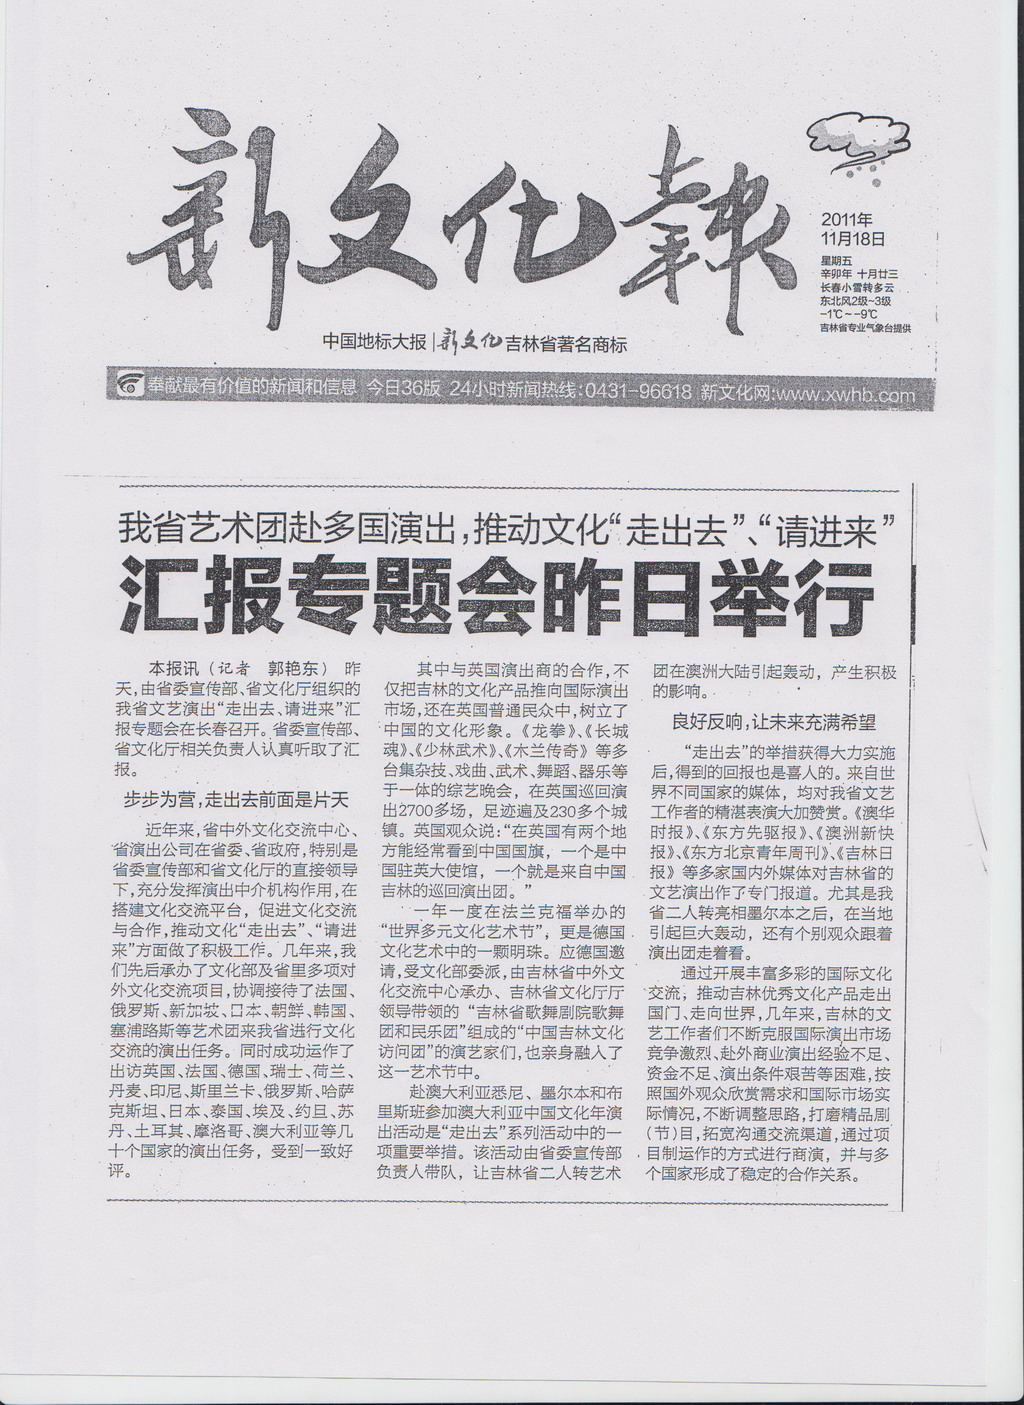 媒体报道剪报_11